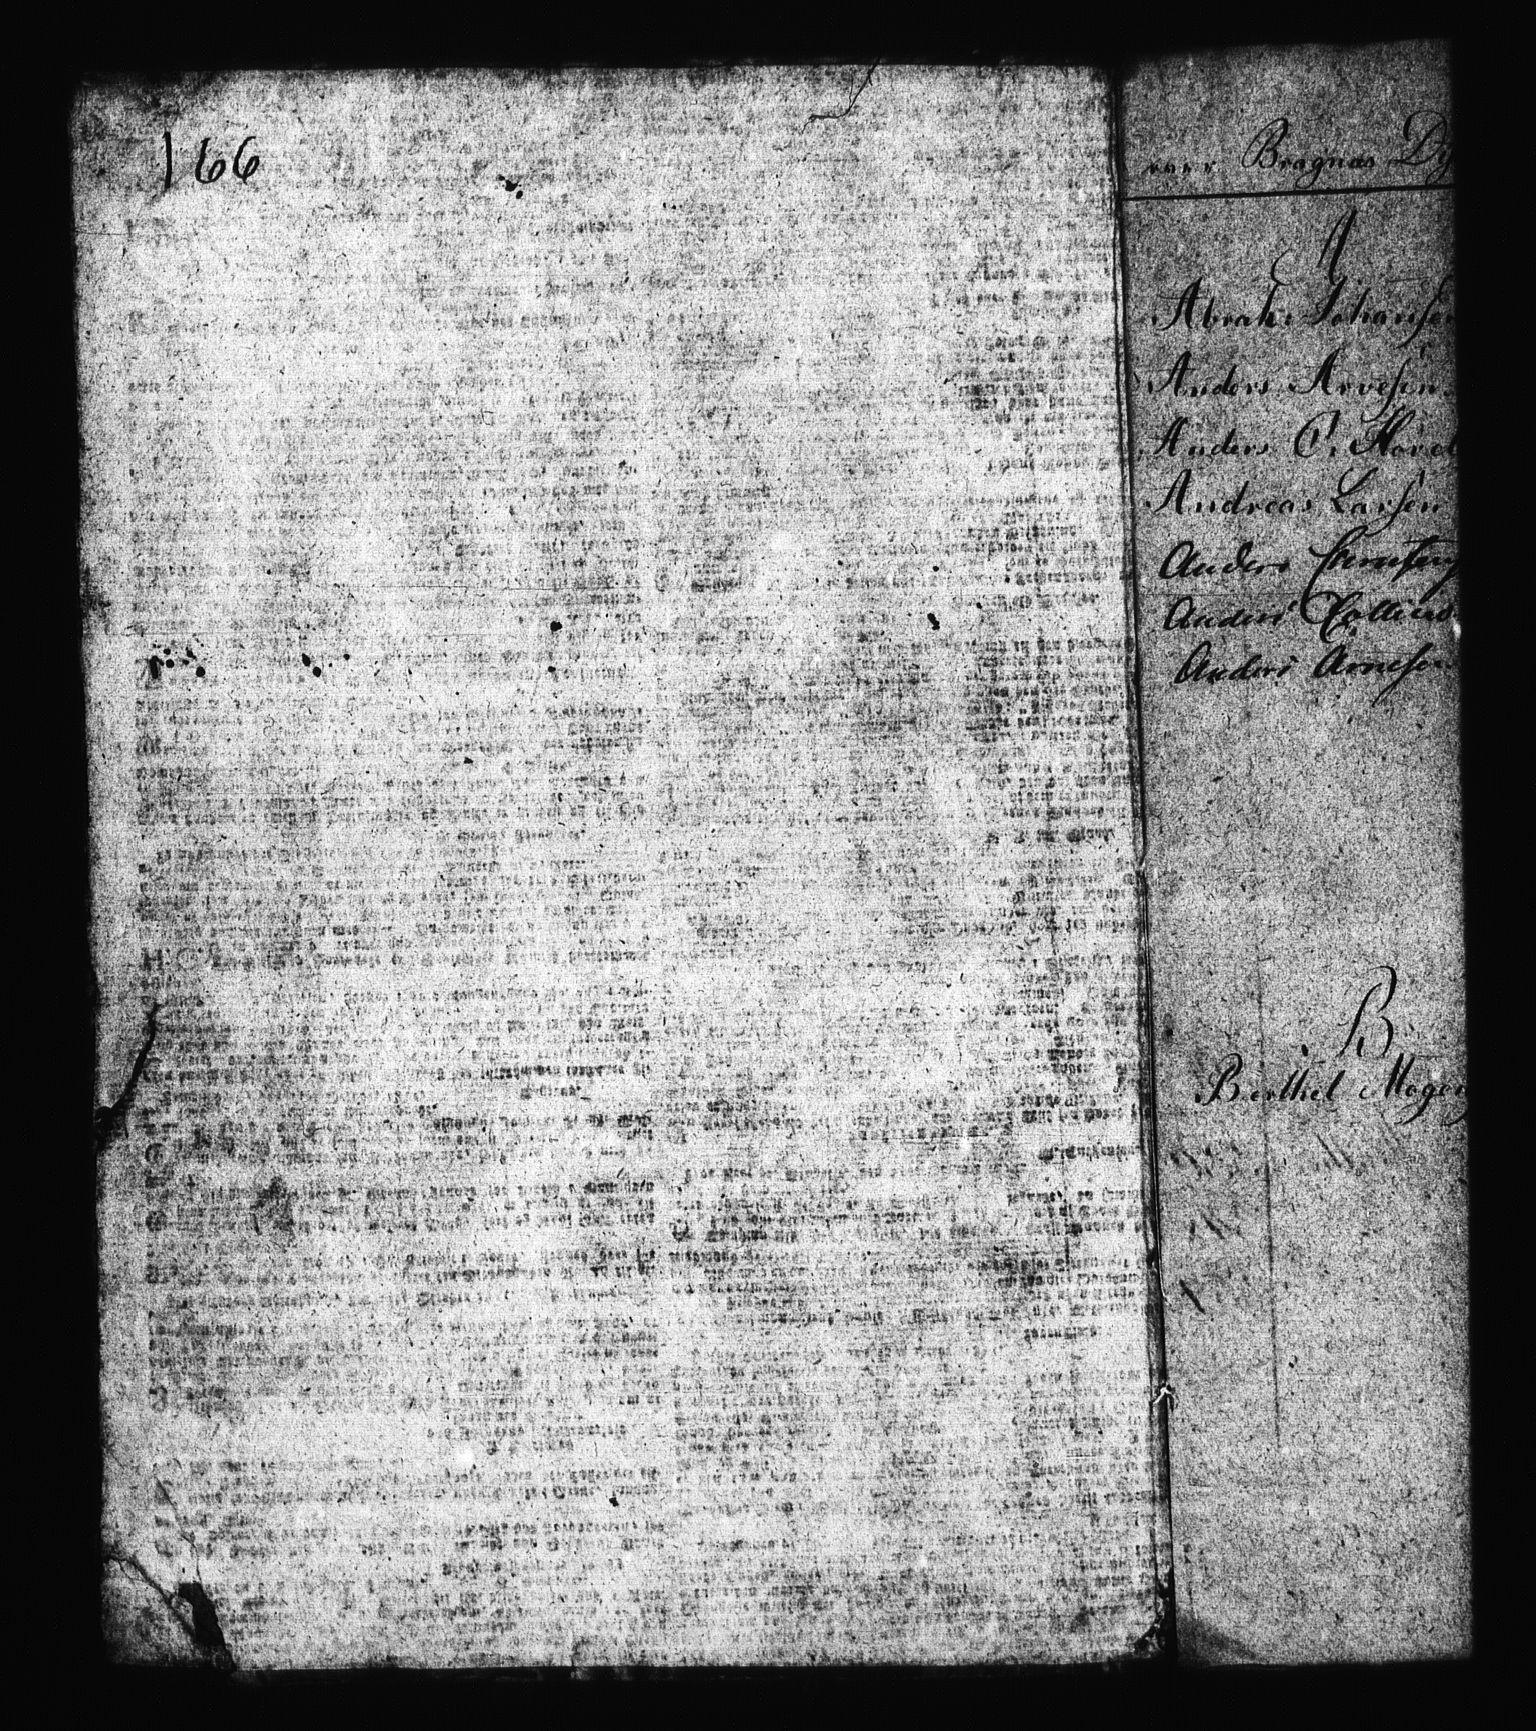 RA, Sjøetaten, F/L0167: Bragernes distrikt, bind 4, 1812